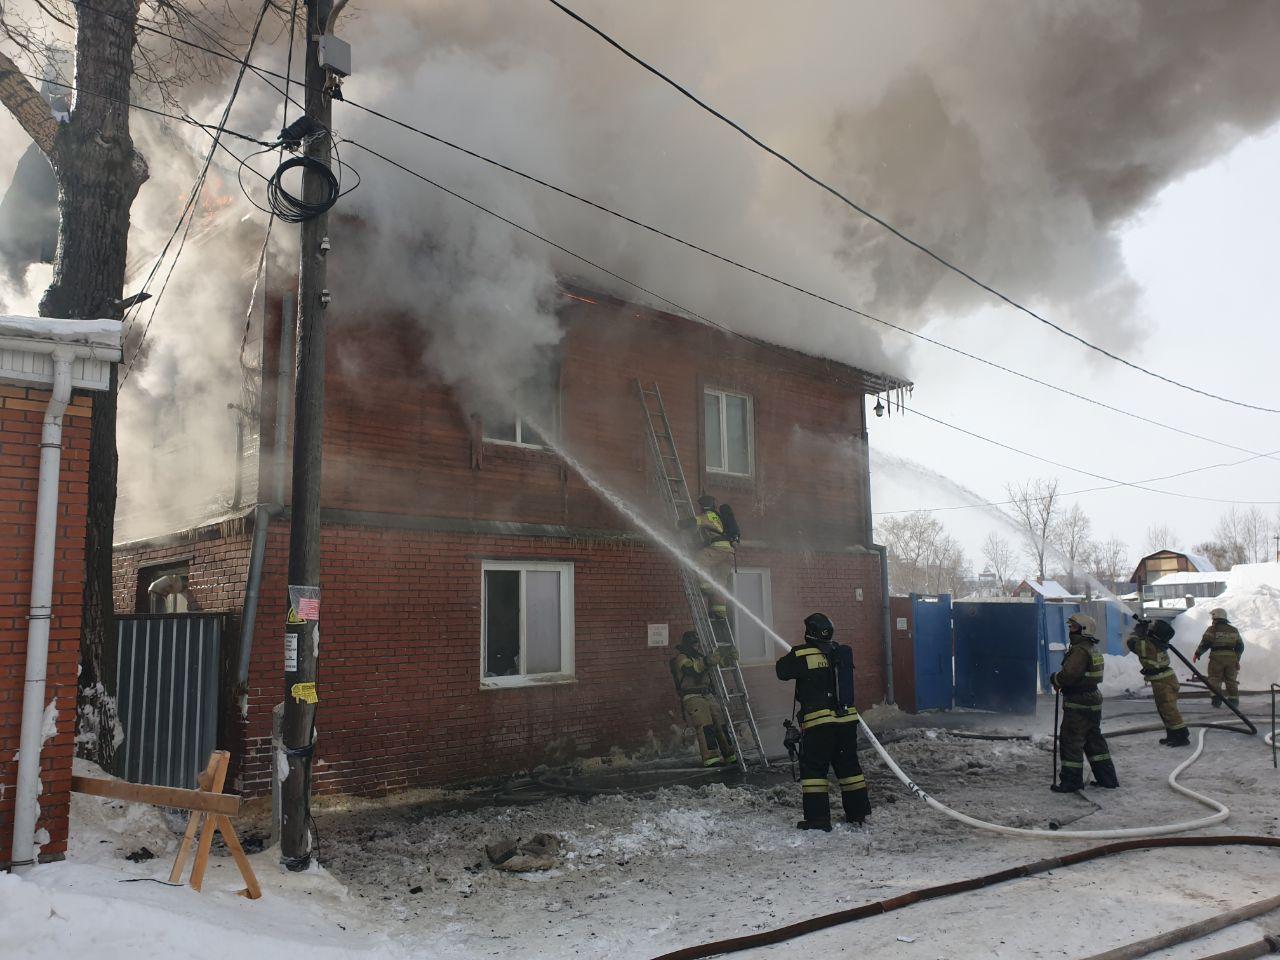 Фото В Томске загорелся молитвенный дом: появились первые снимки с пожара 2